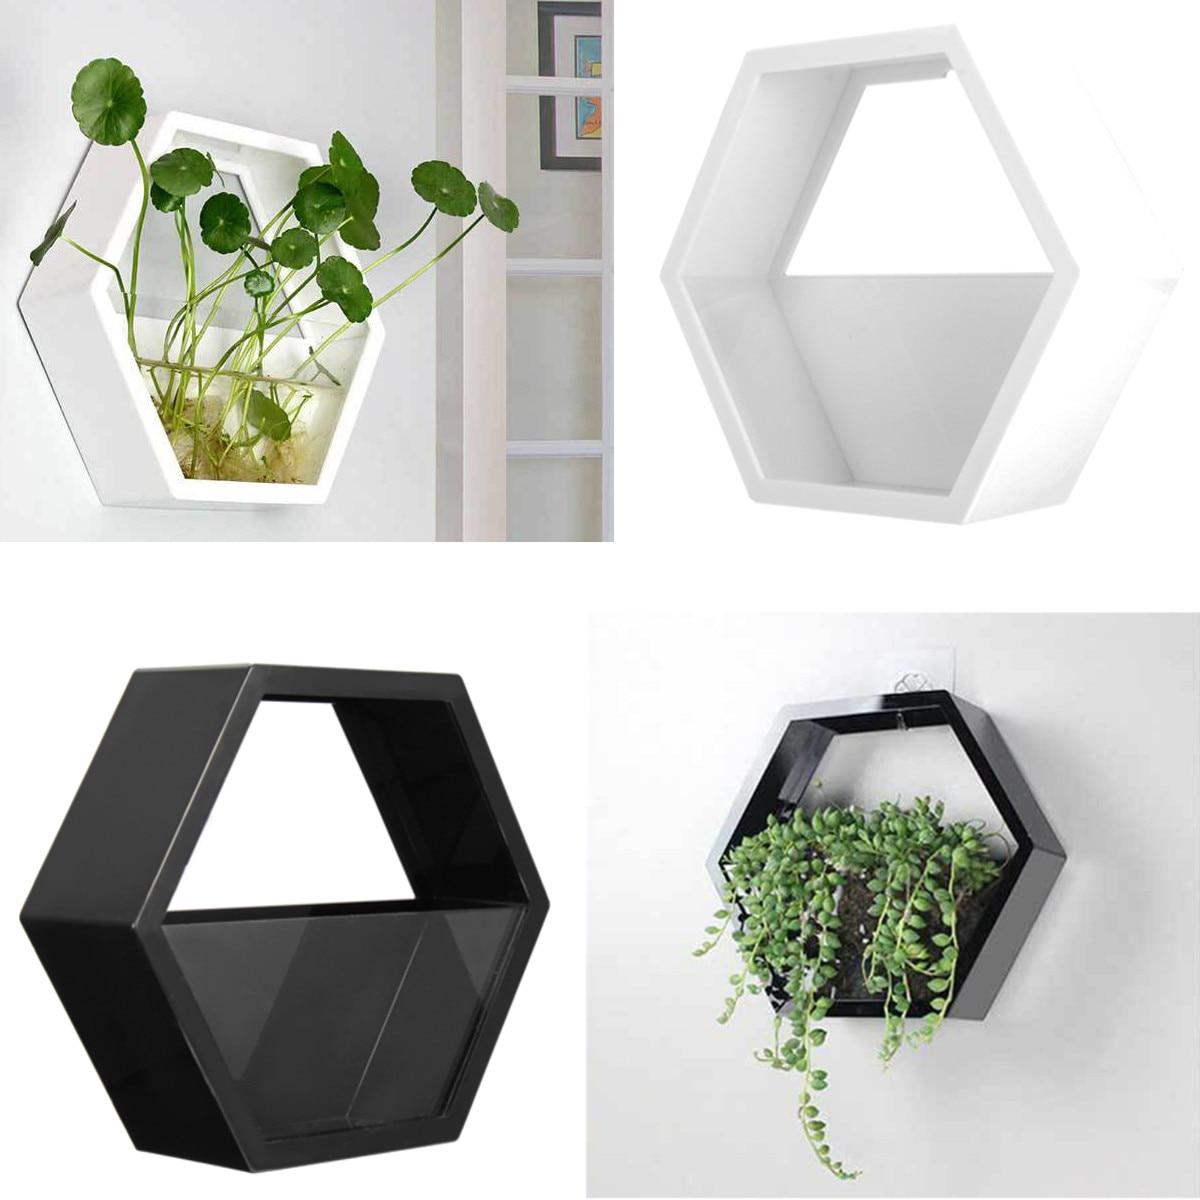 Pot de fleur en Chlorophytum fait main   Acrylique, fait à la main, Scindapsus, Vase de plante hydroponique, décoration moderne pour la maison, le salon